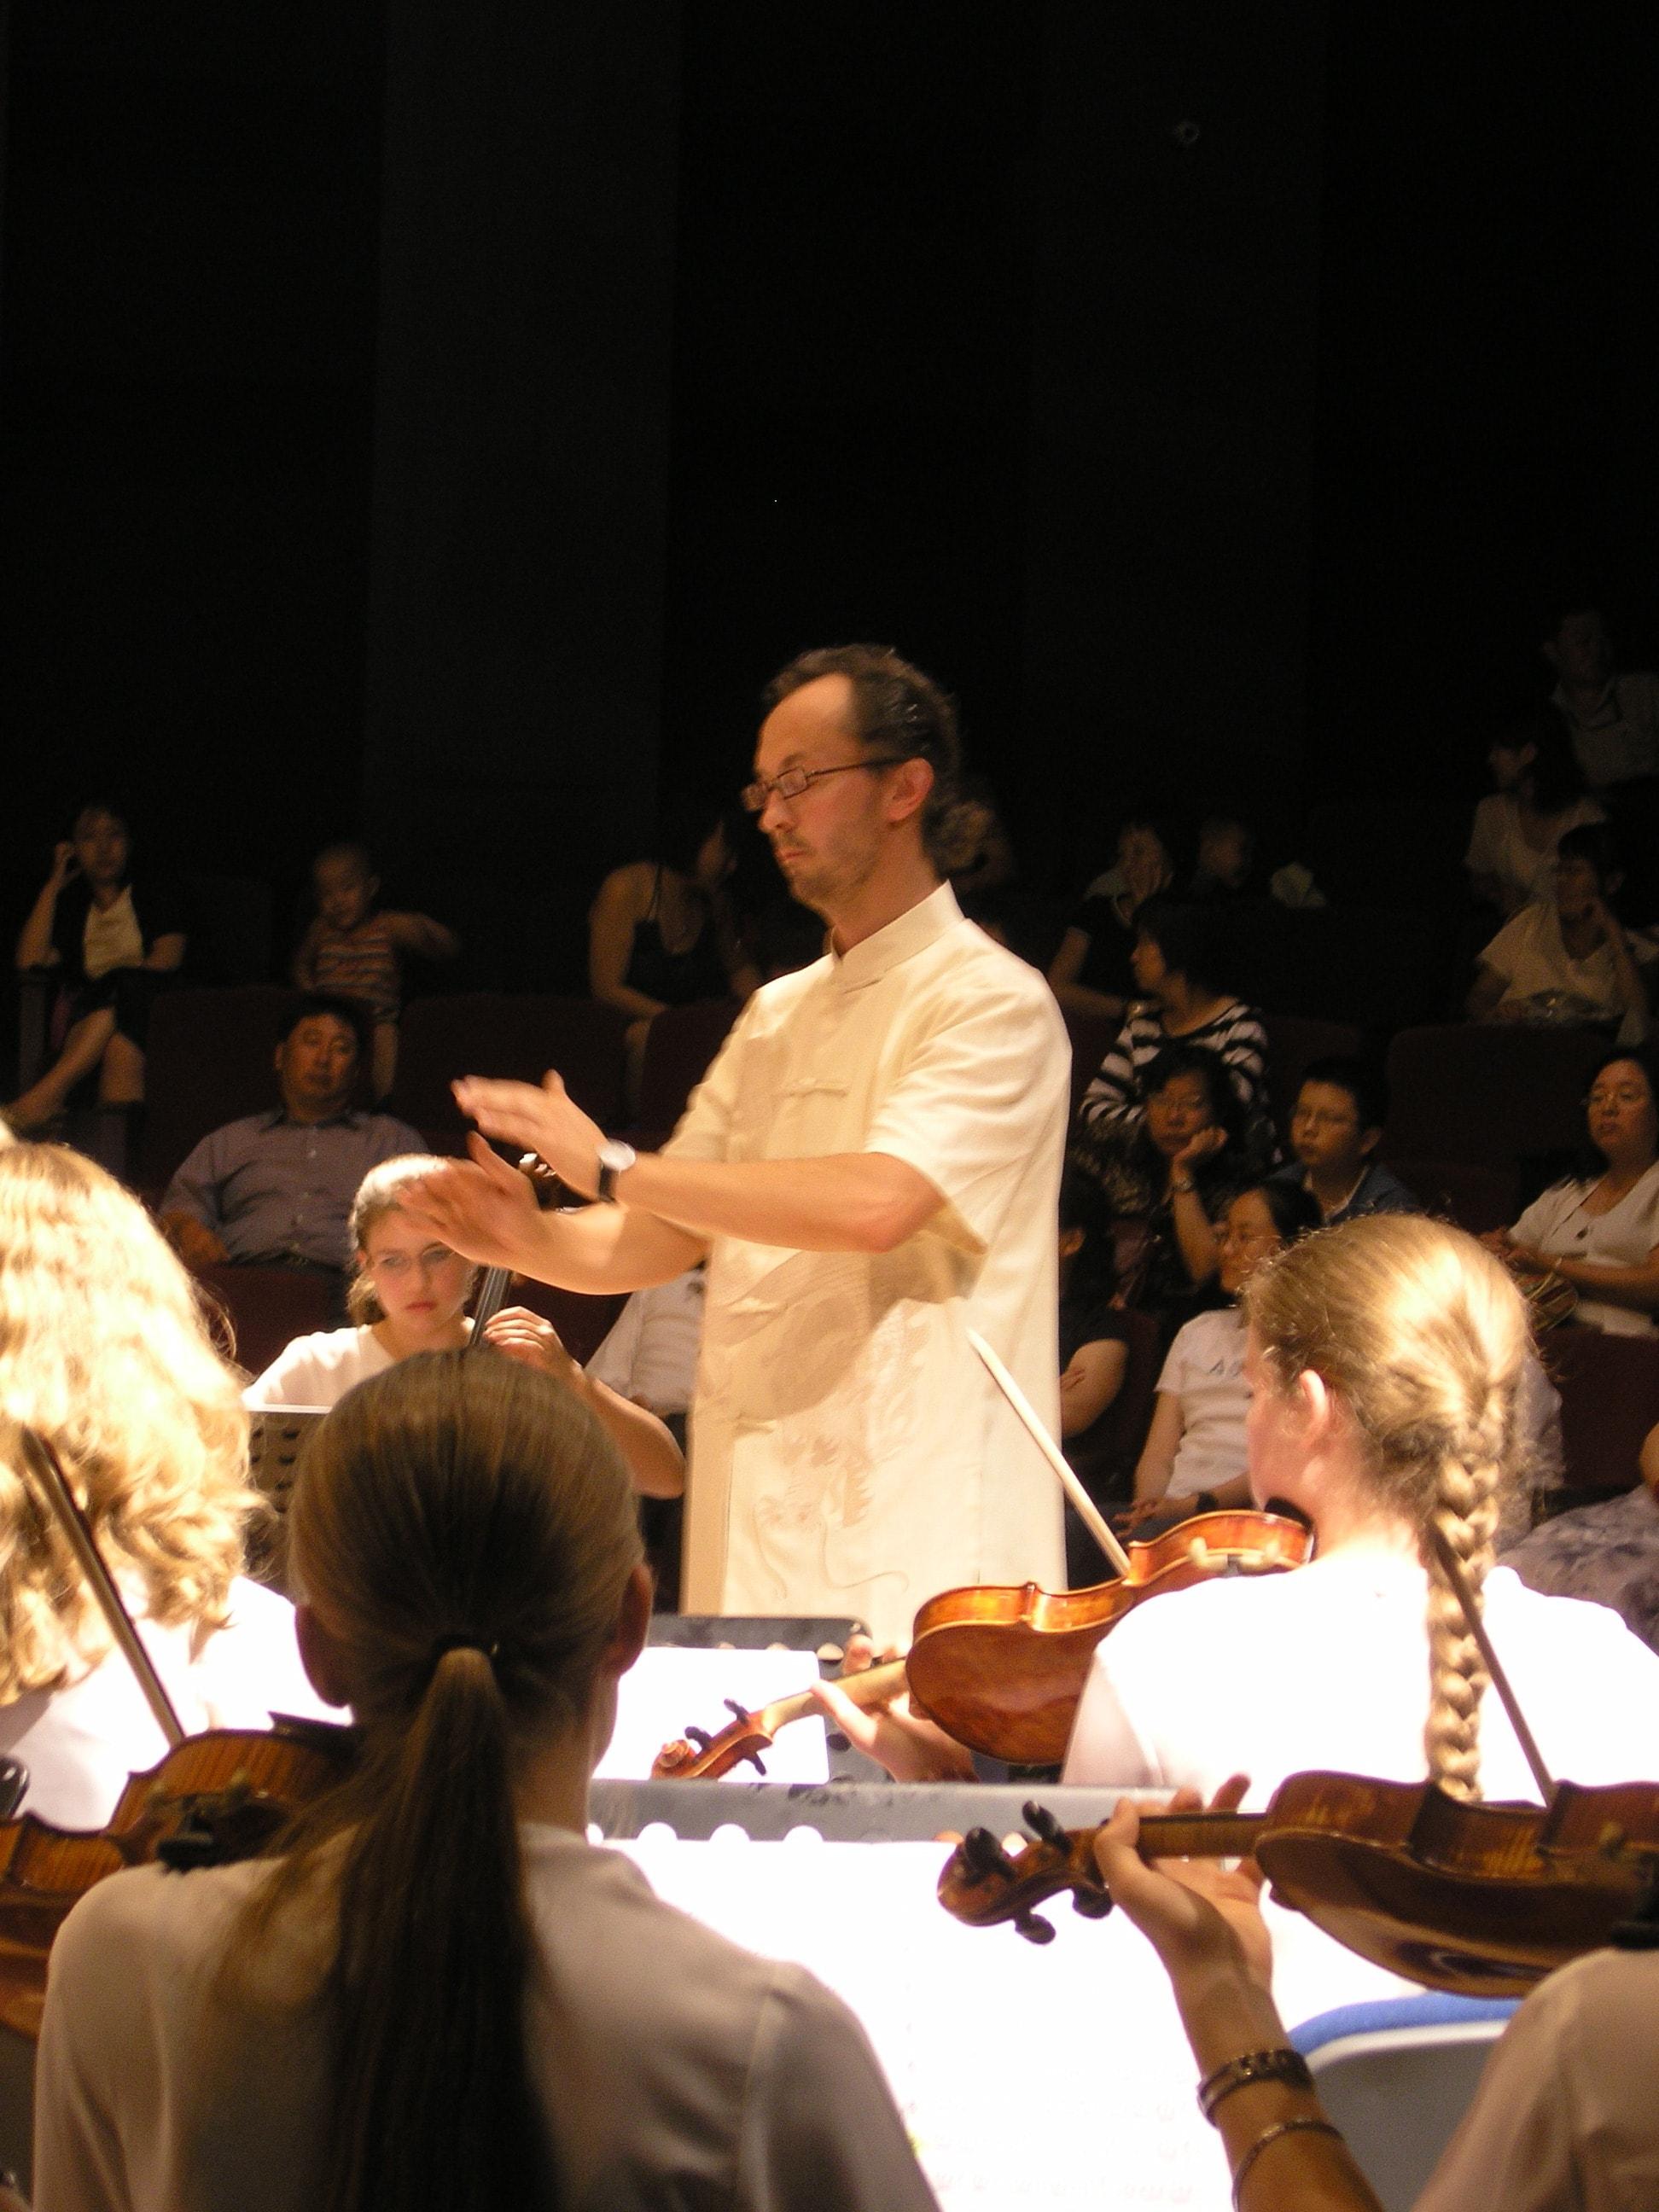 Tournée Giocoso en Chine 2004   Erreur opéra c'est 2005-min